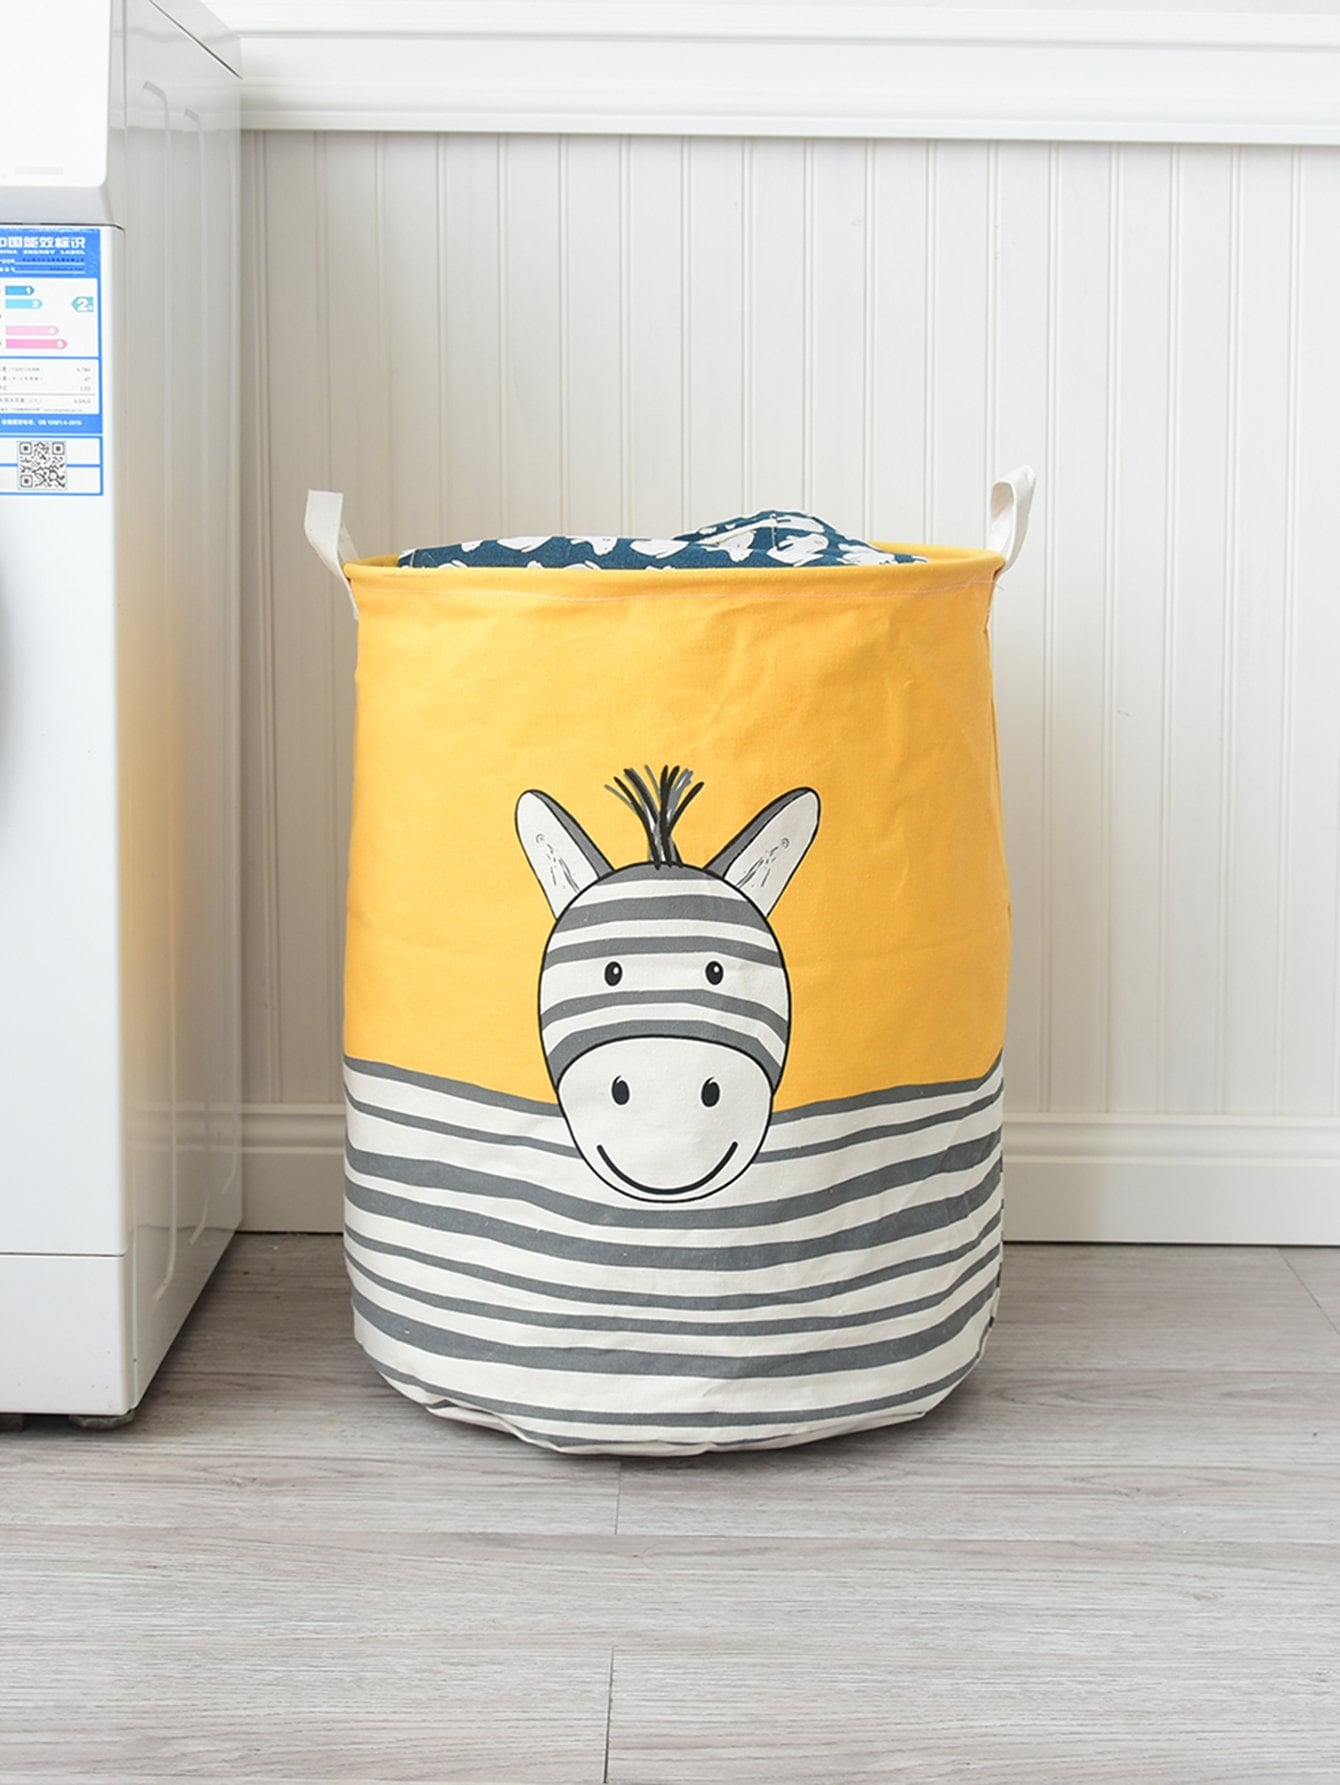 Купить Круглая корзина для хранения с рисунками лозунгов, null, SheIn